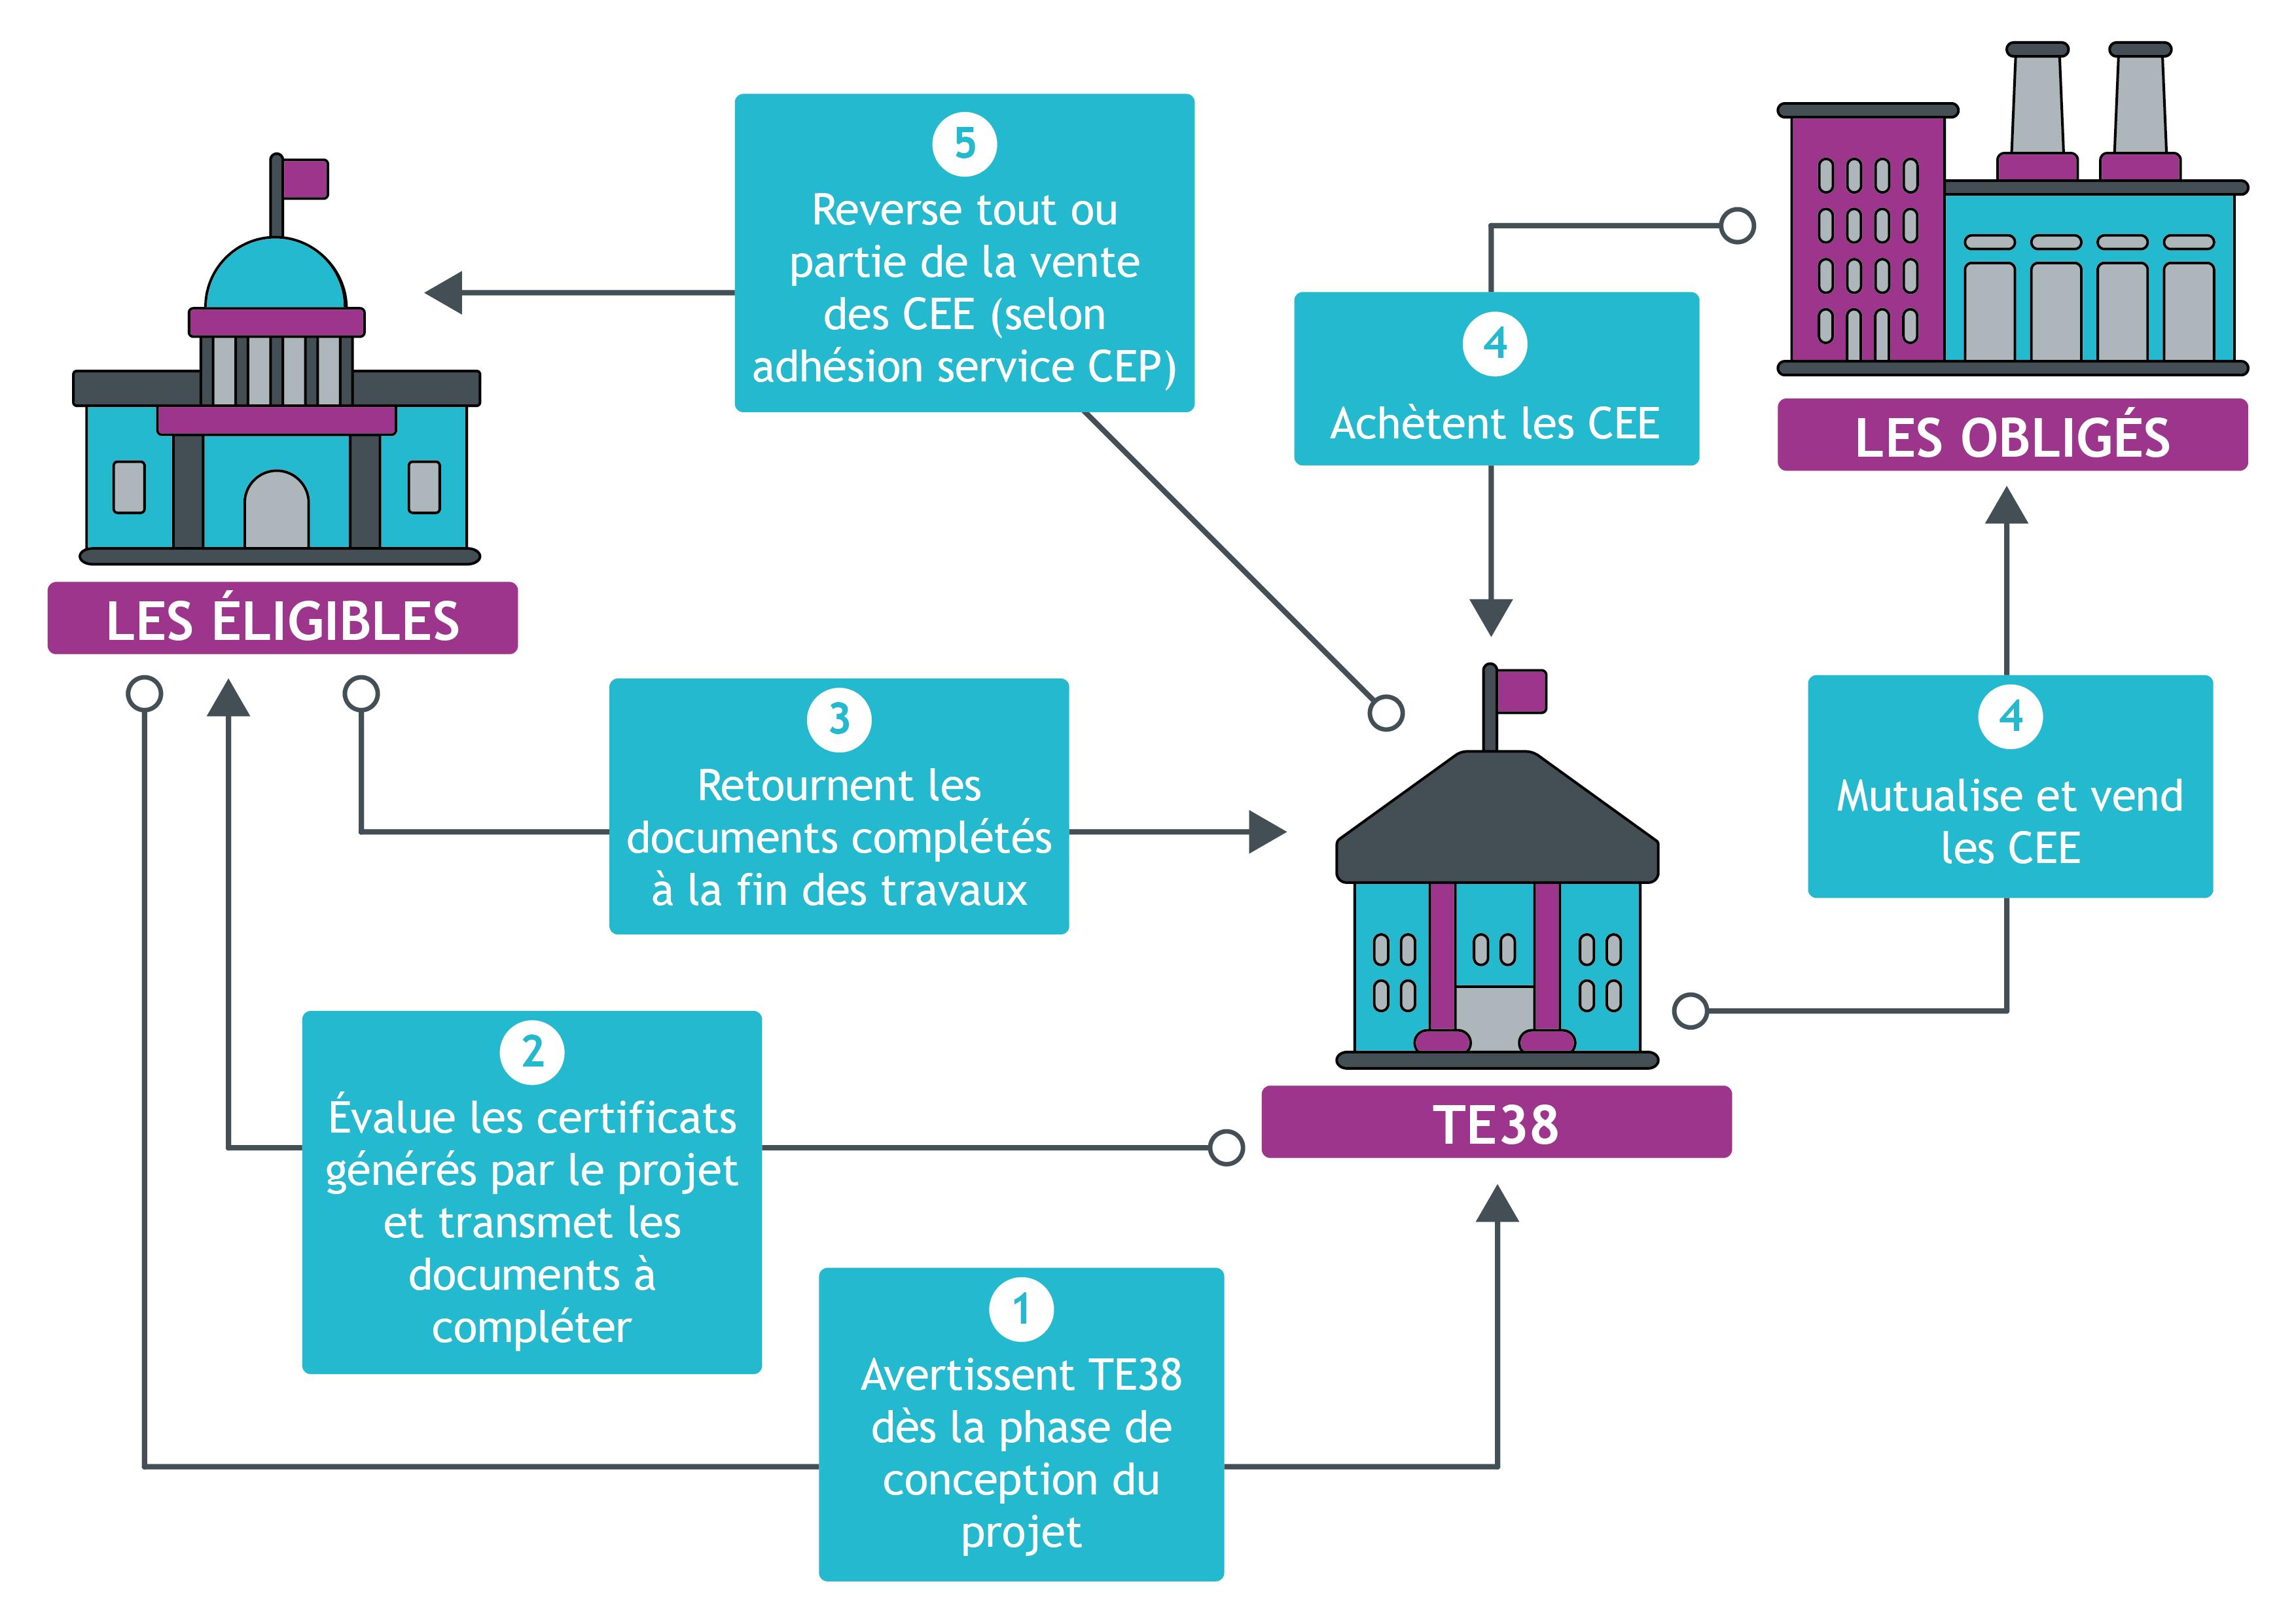 Travaux d'économies d'énergie : Mutualisez vos CEE avec TE38